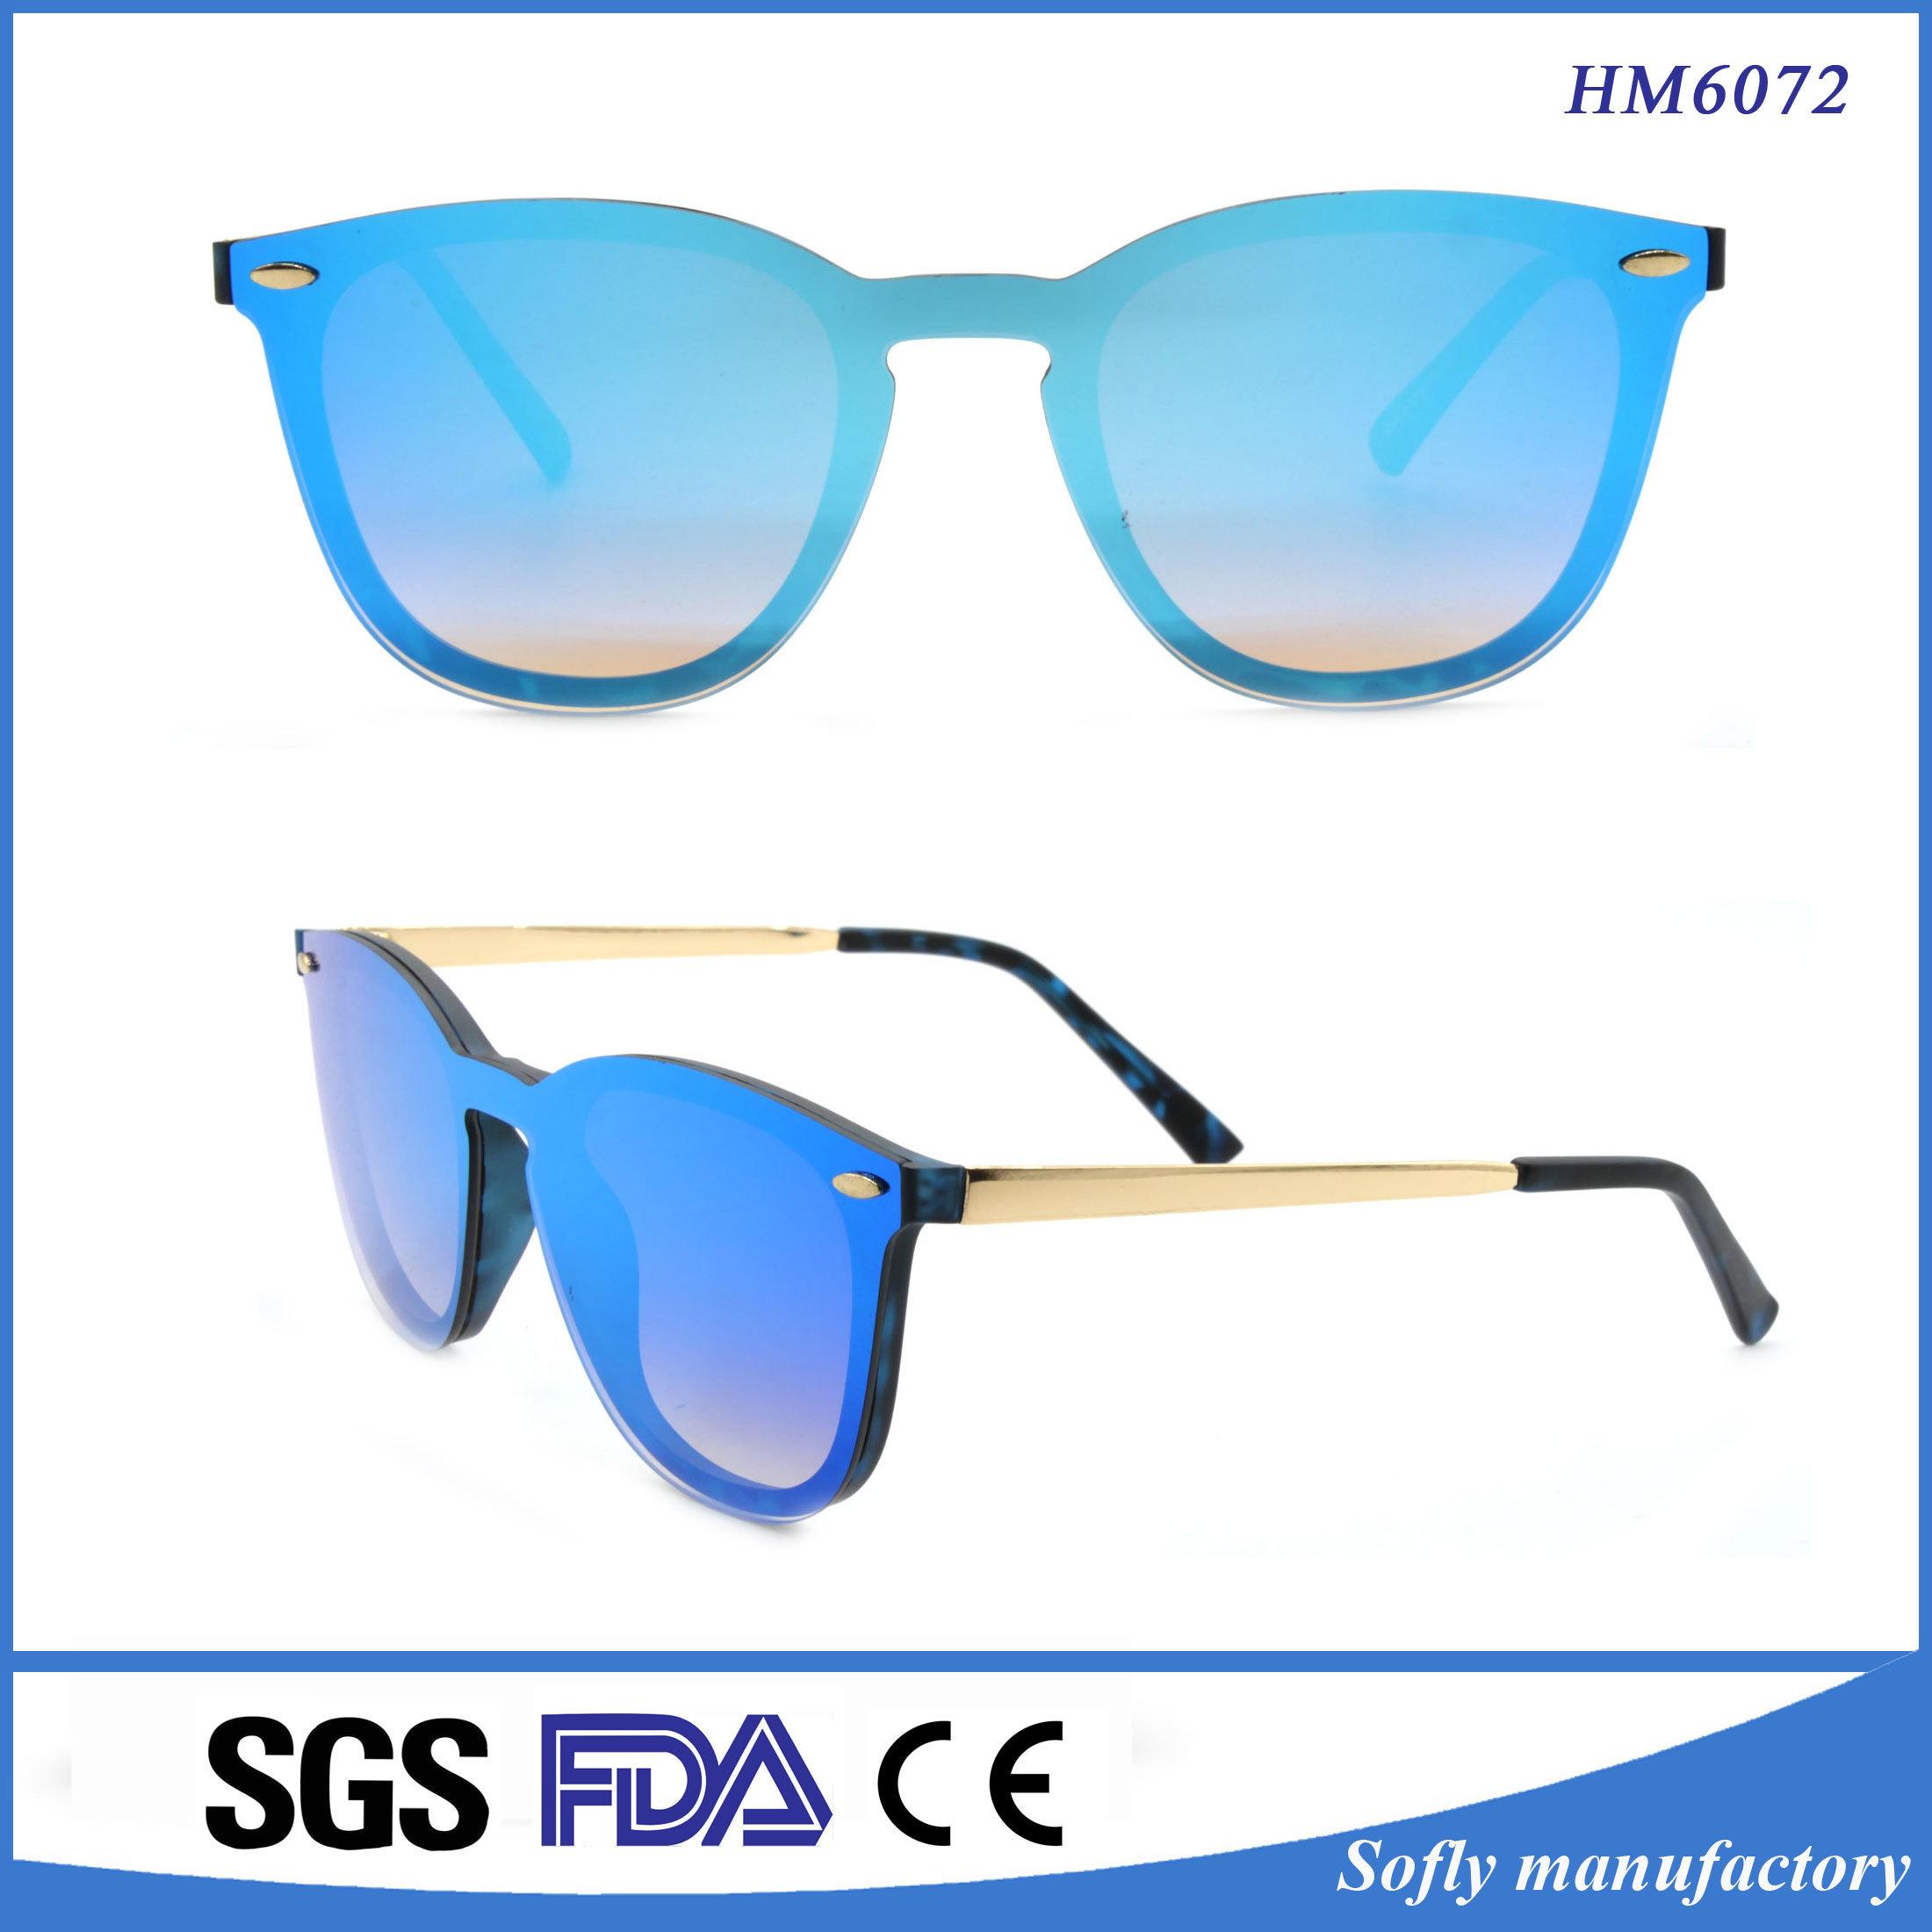 dfc2f5c3e5 Gato de capa polarizado manera popular de las gafas de sol de los templos  del metal de Frameless – Gato de capa polarizado manera popular de las  gafas de ...